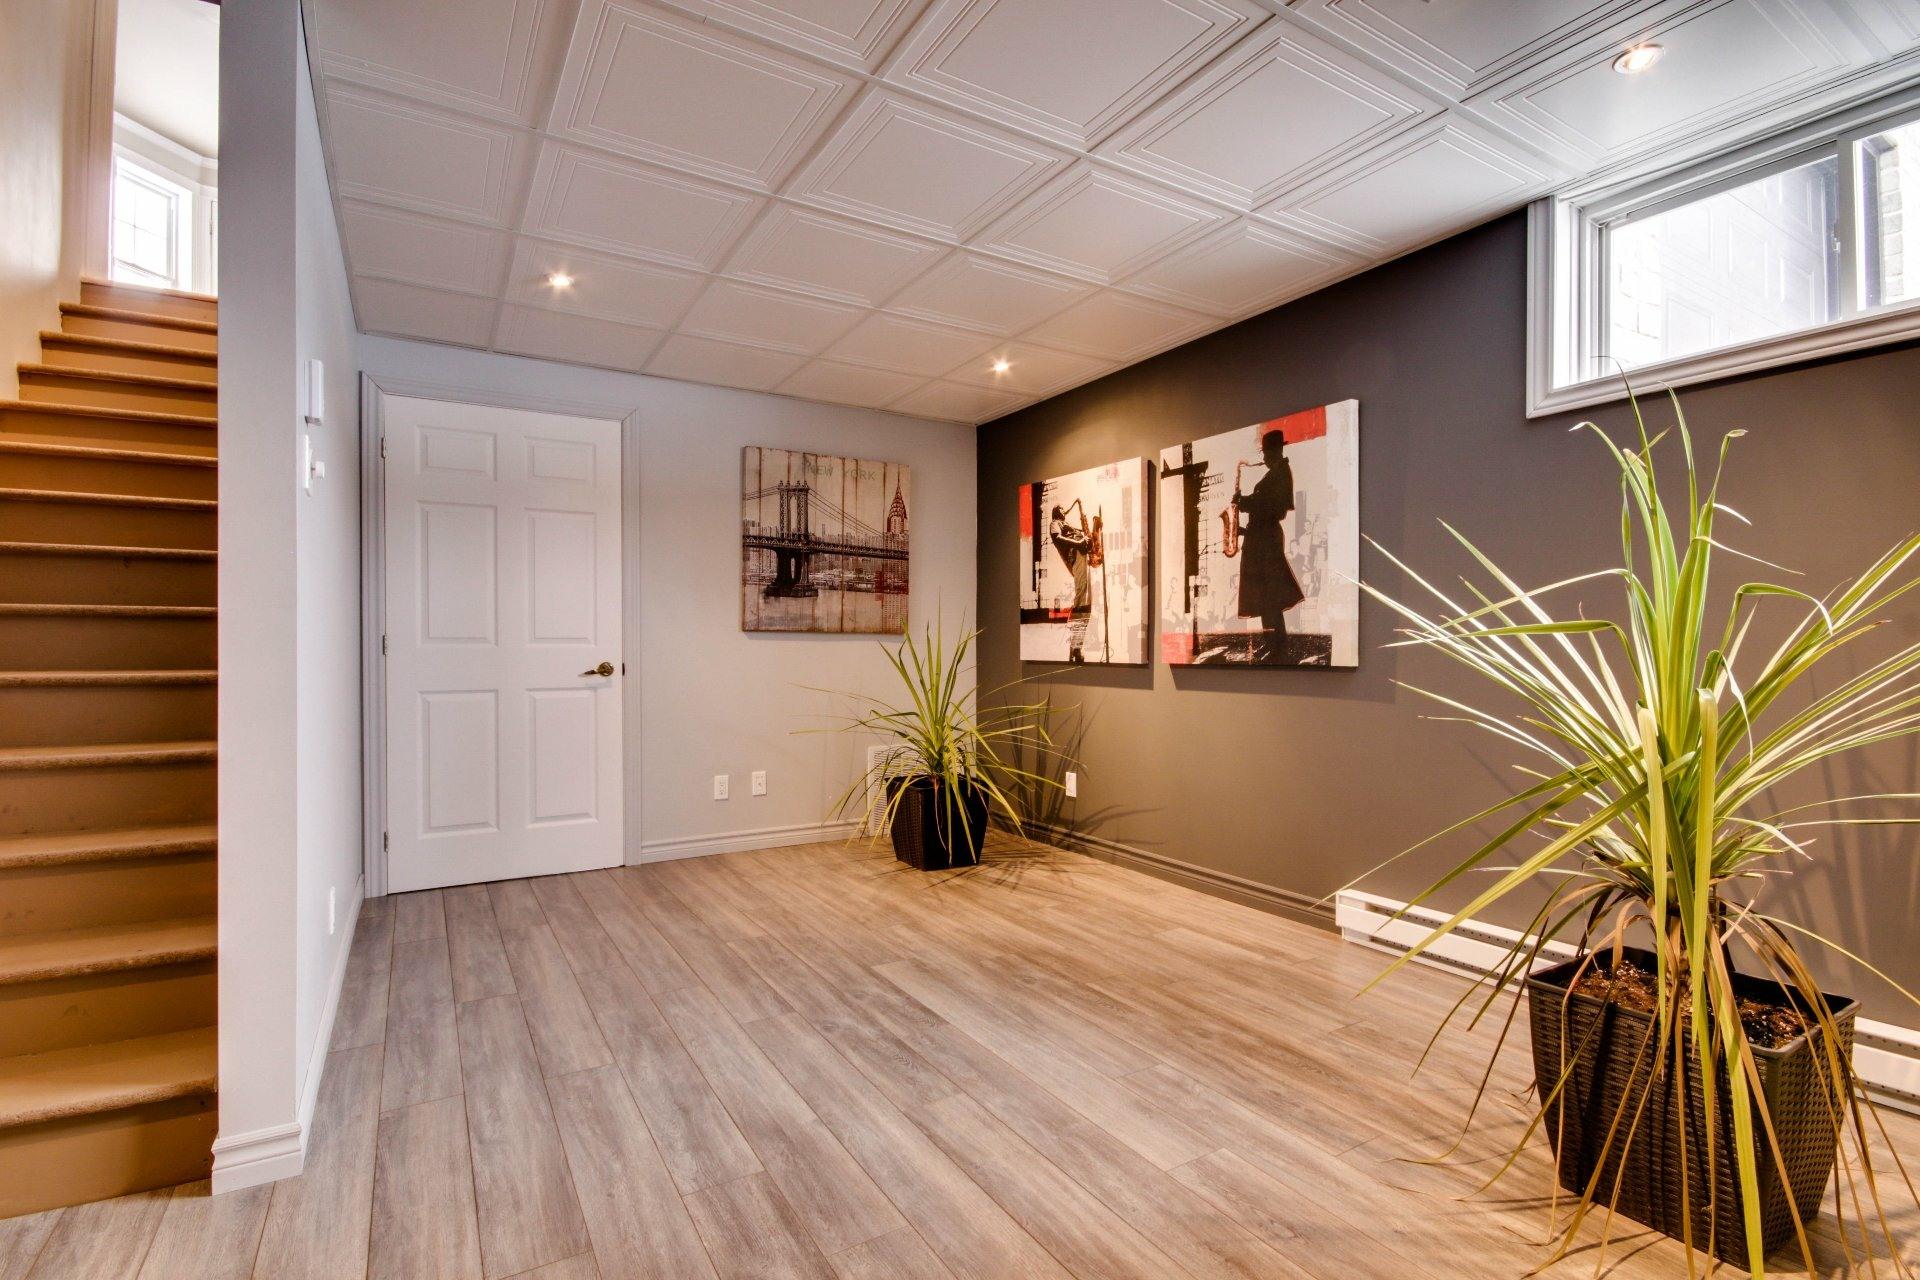 image 47 - Maison À vendre Trois-Rivières - 14 pièces